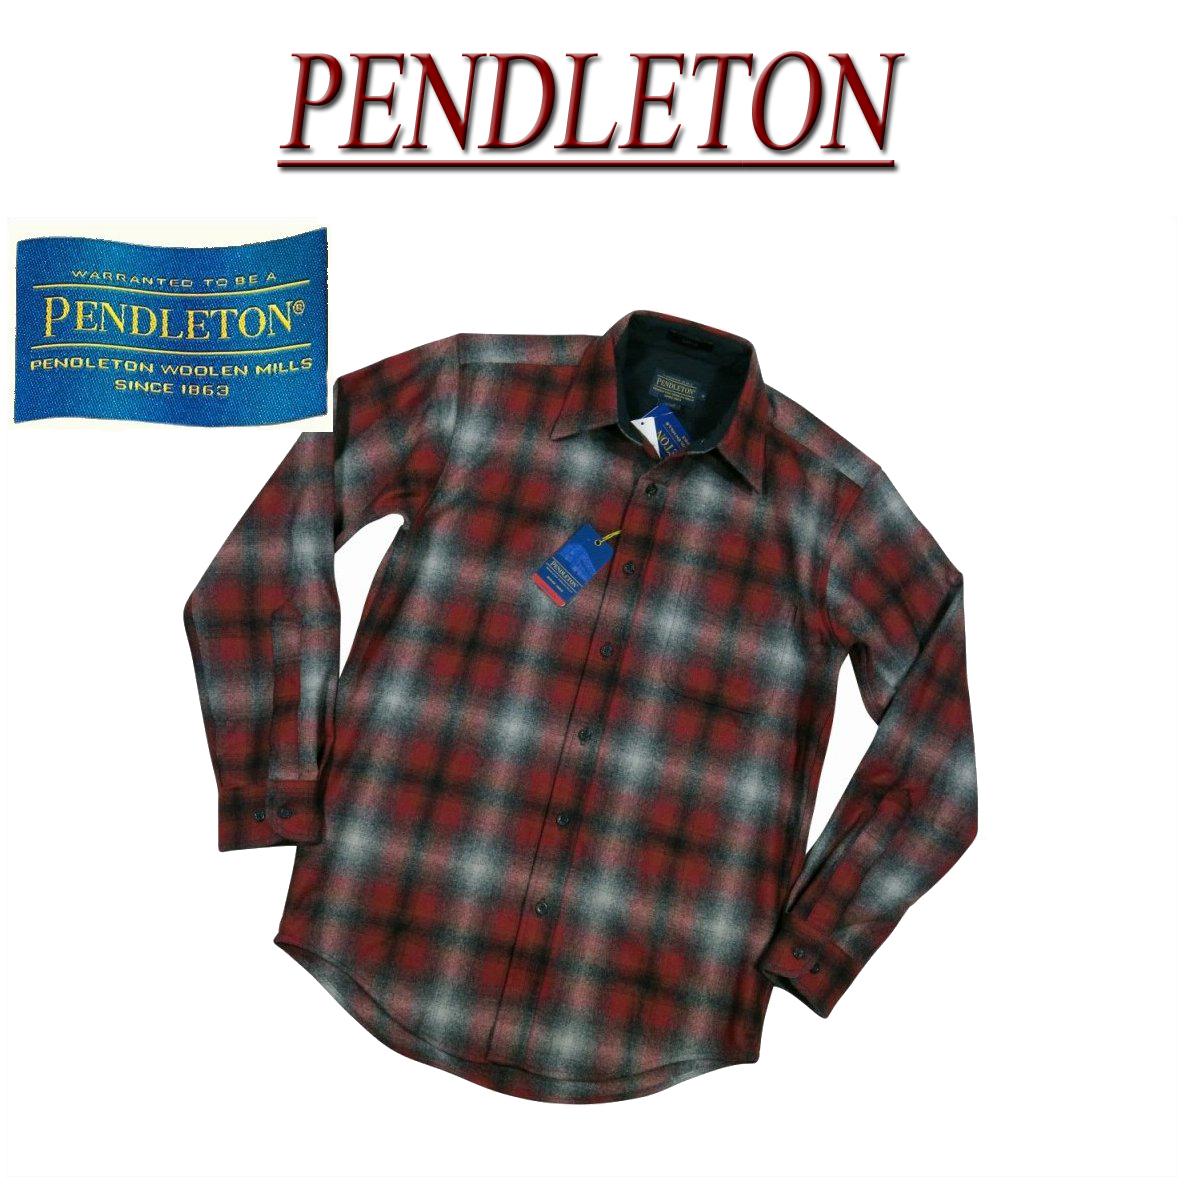 【5サイズ】 ac221 新品 PENDLETON LODGE SHIRT FITTED オンブレチェック 長袖 ウールシャツ AA031-31948 メンズ ペンドルトン チェックシャツ ペンデルトン ロッジシャツアメカジ 【smtb-kd】